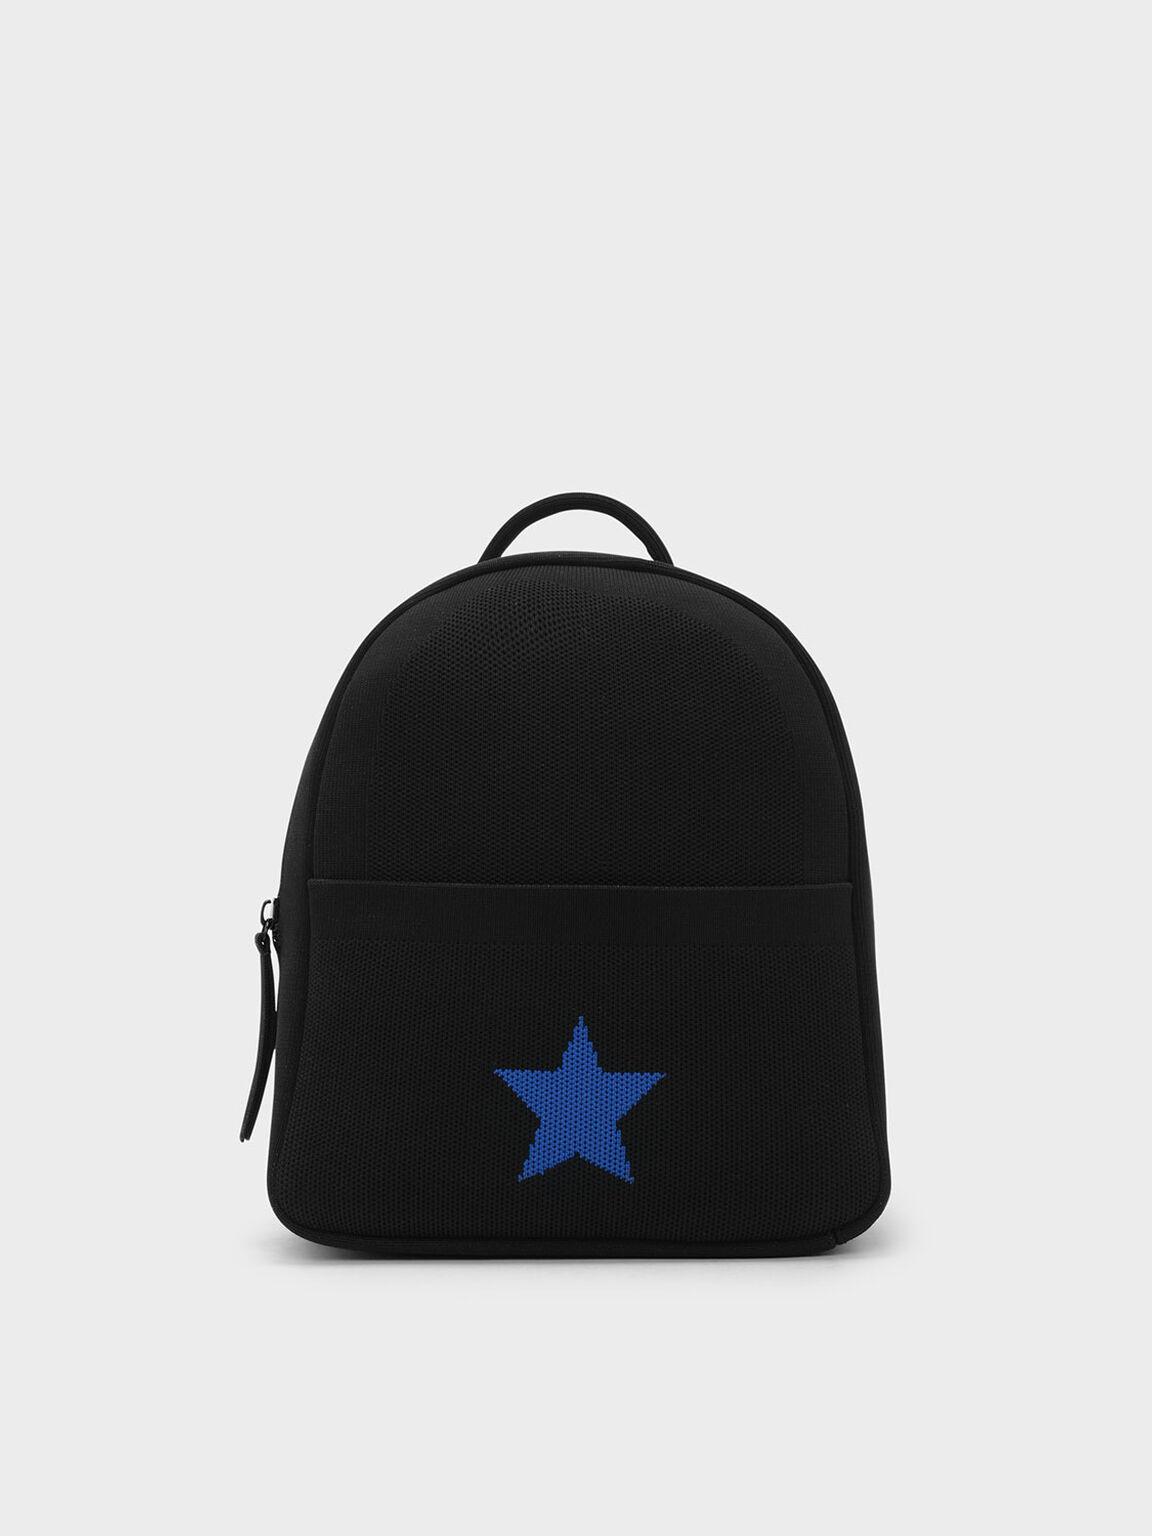 Kids Knitted Backpack, Black, hi-res